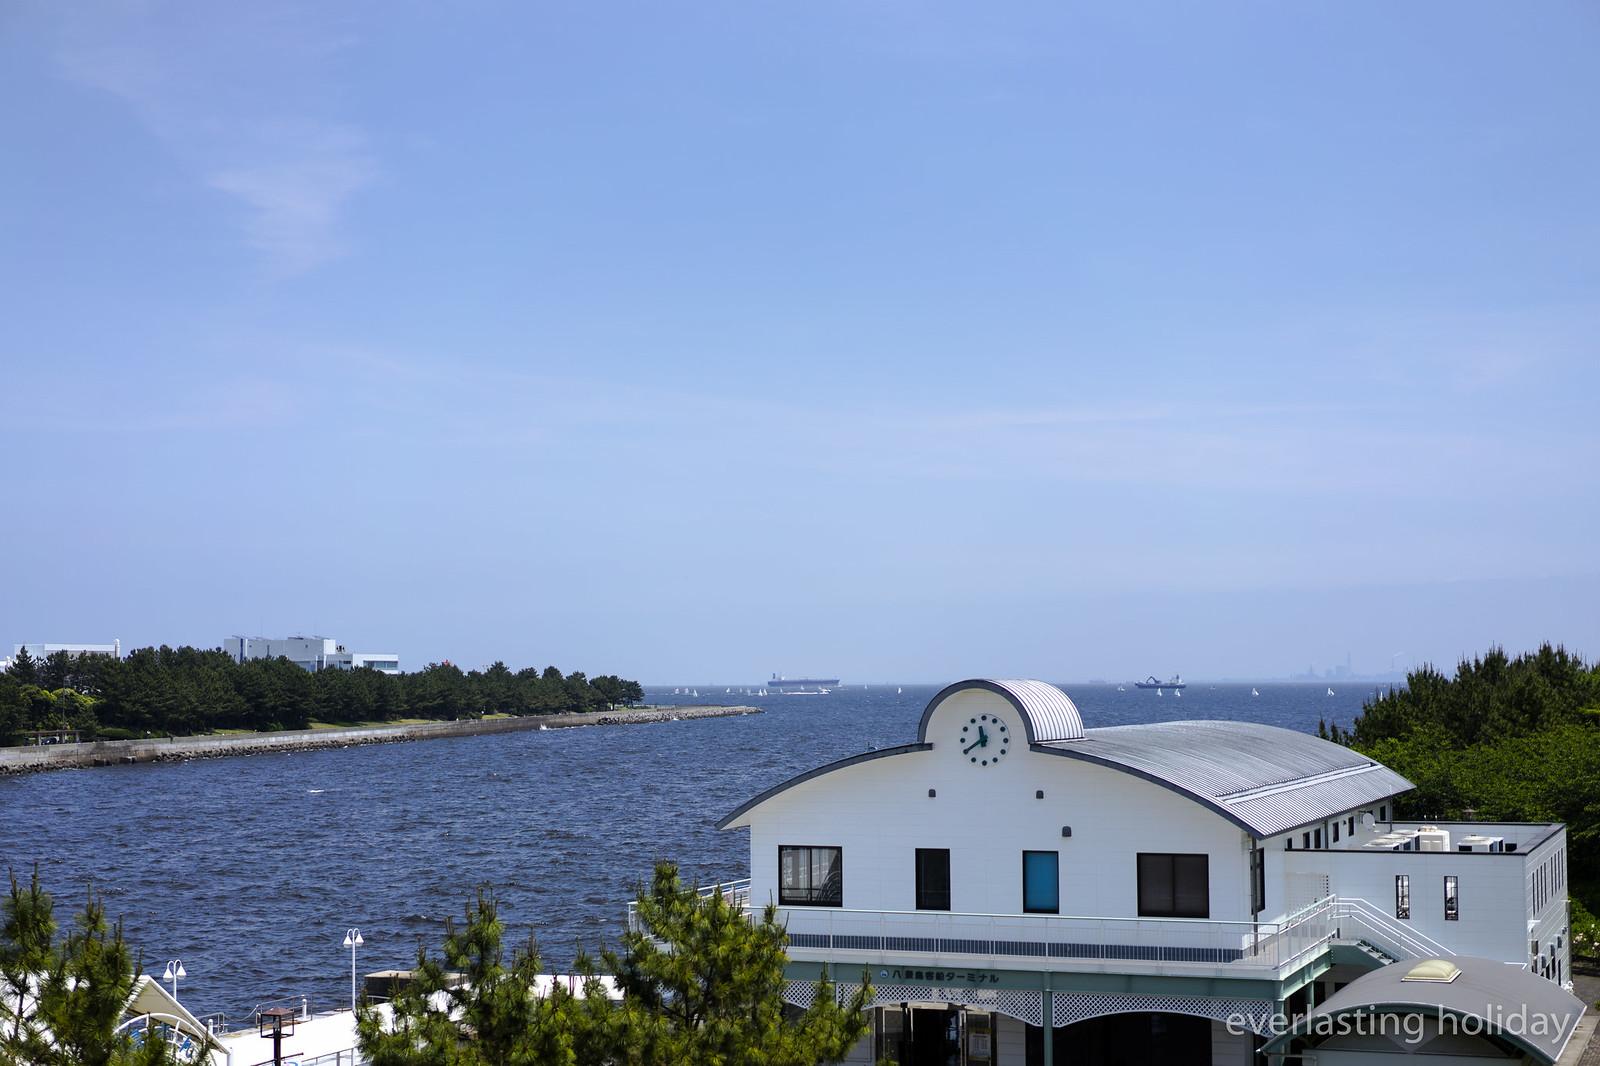 八景島シーパラダイス hakkeijima sea paradise-0003